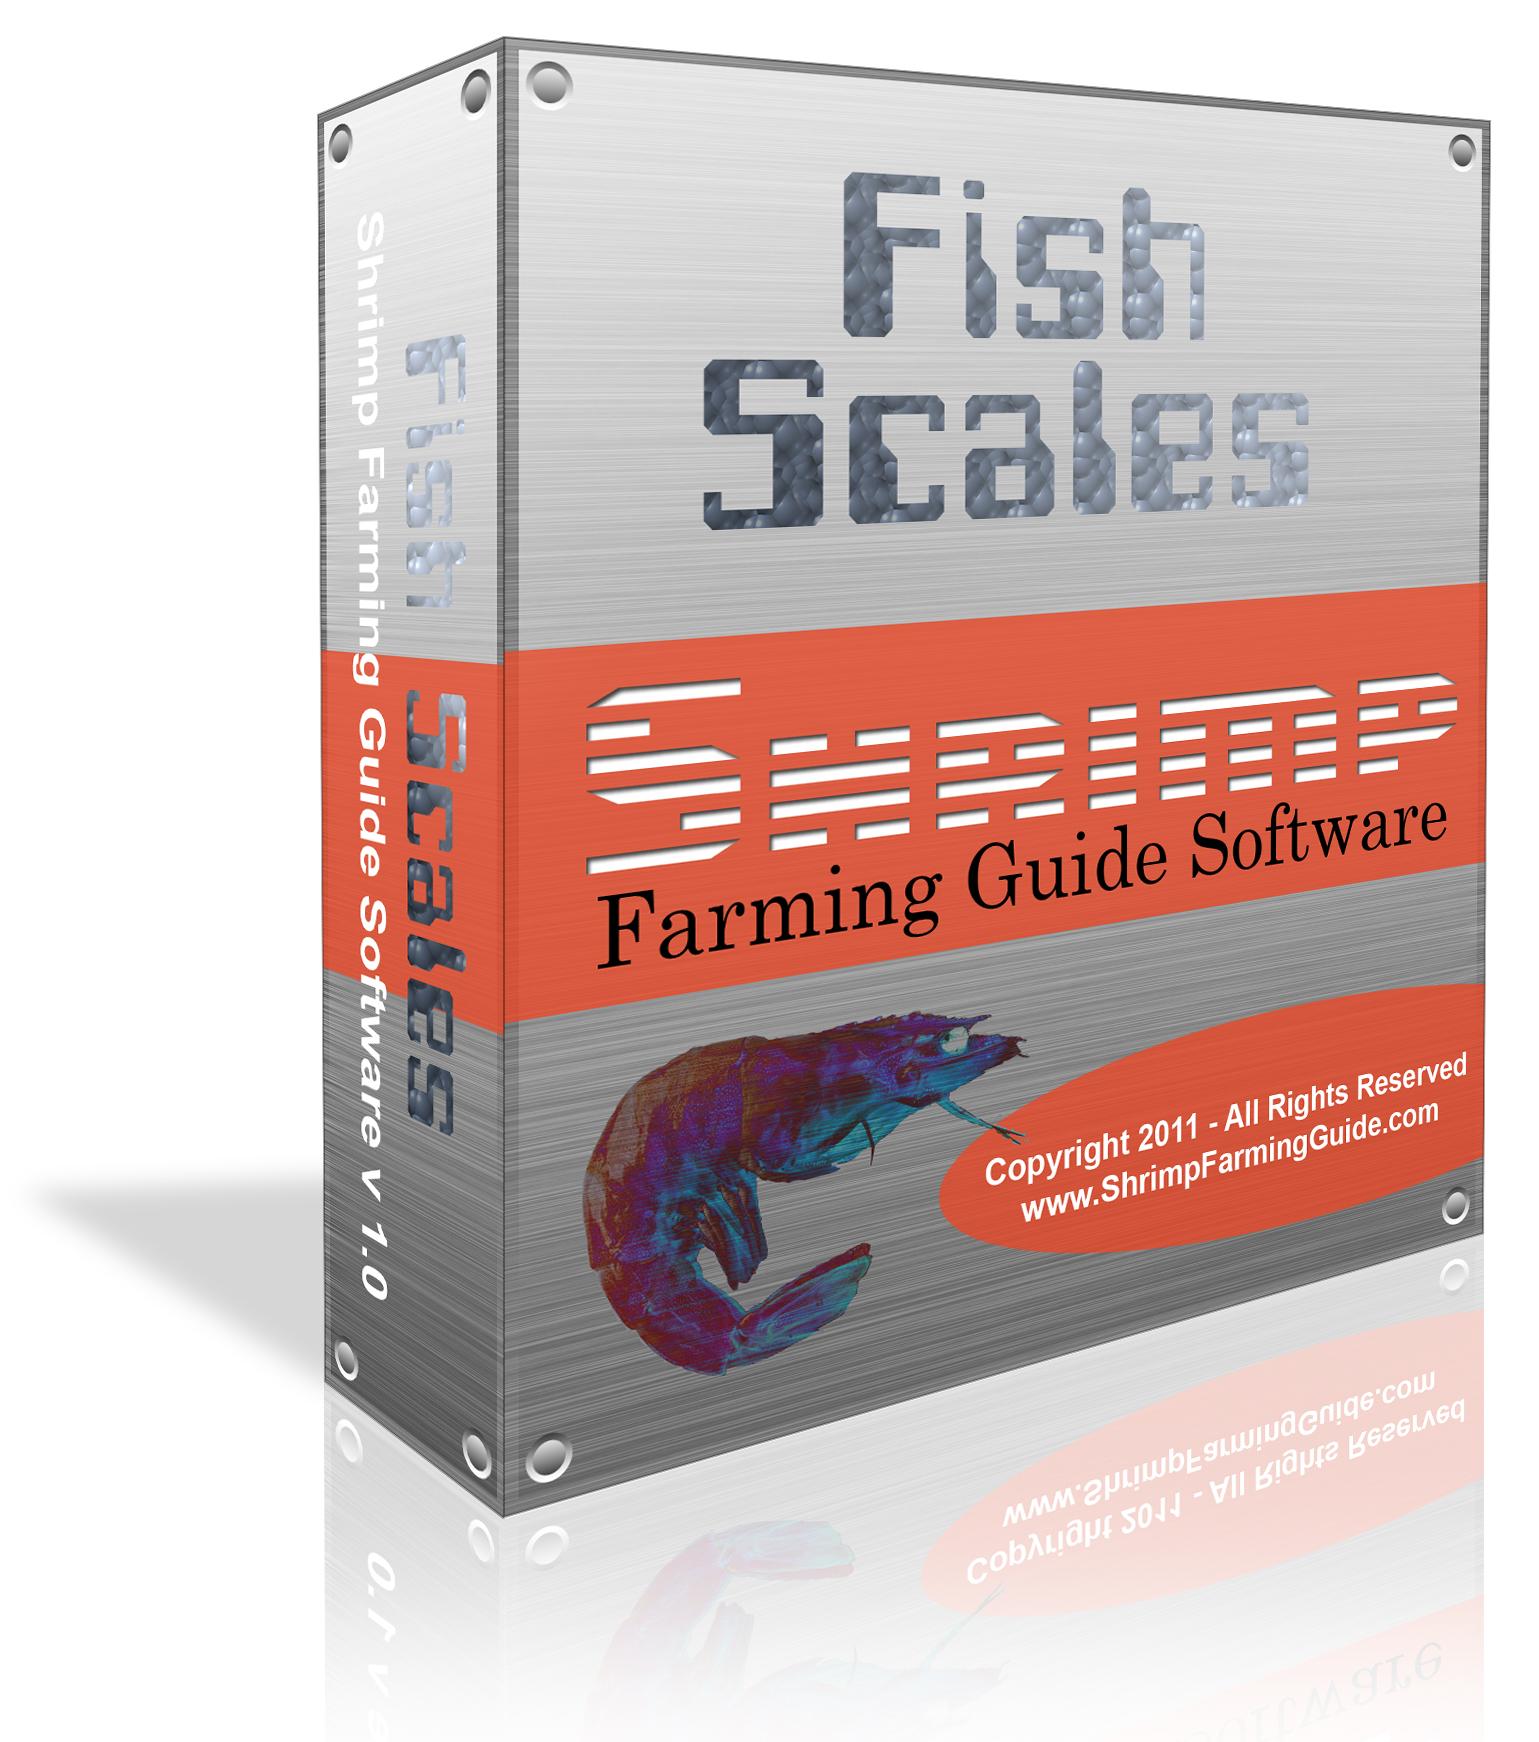 shrimp farming software